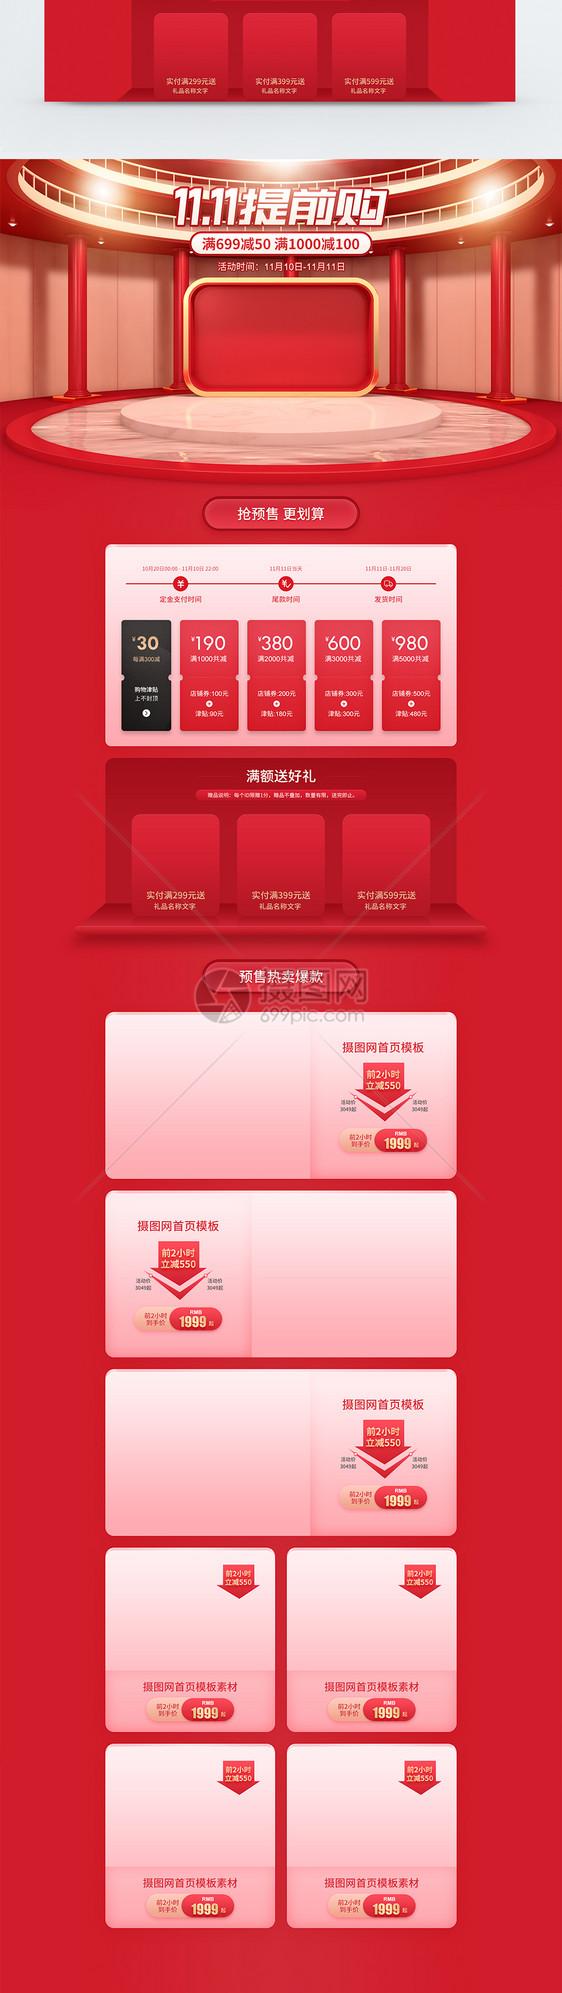 红色C4D双十一提请购电商促销淘宝首页图片